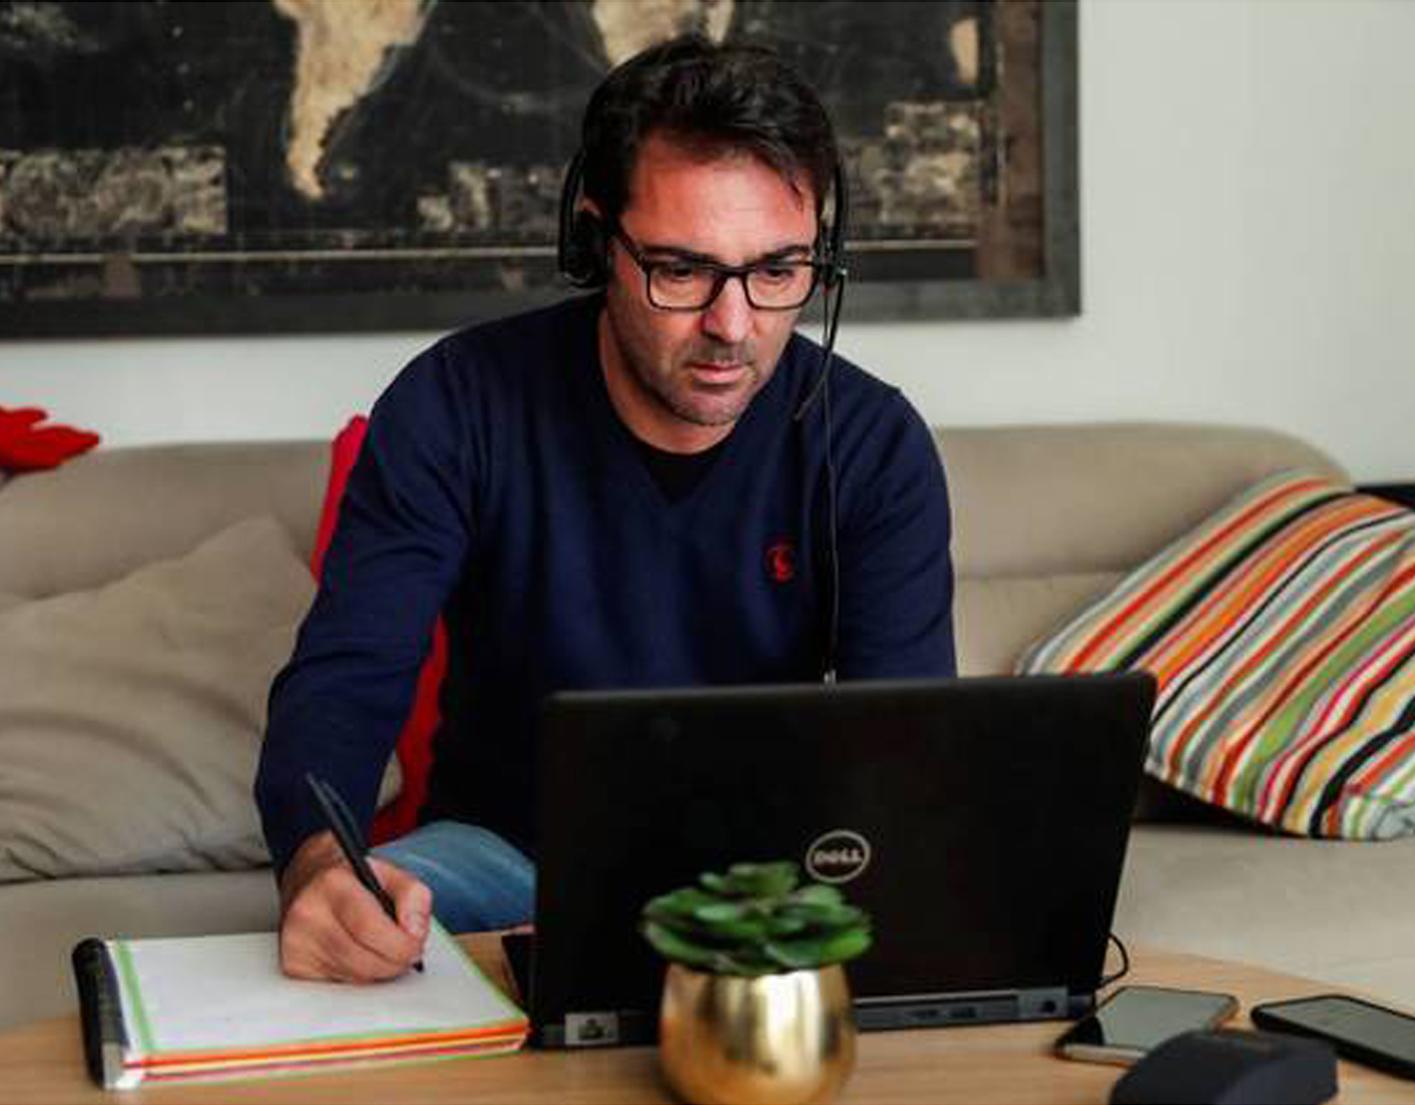 ¿Puede la empresa obligarme a volver a la oficina tras el fin del teletrabajo? Jose Manuel Raya opina en El Confidencial